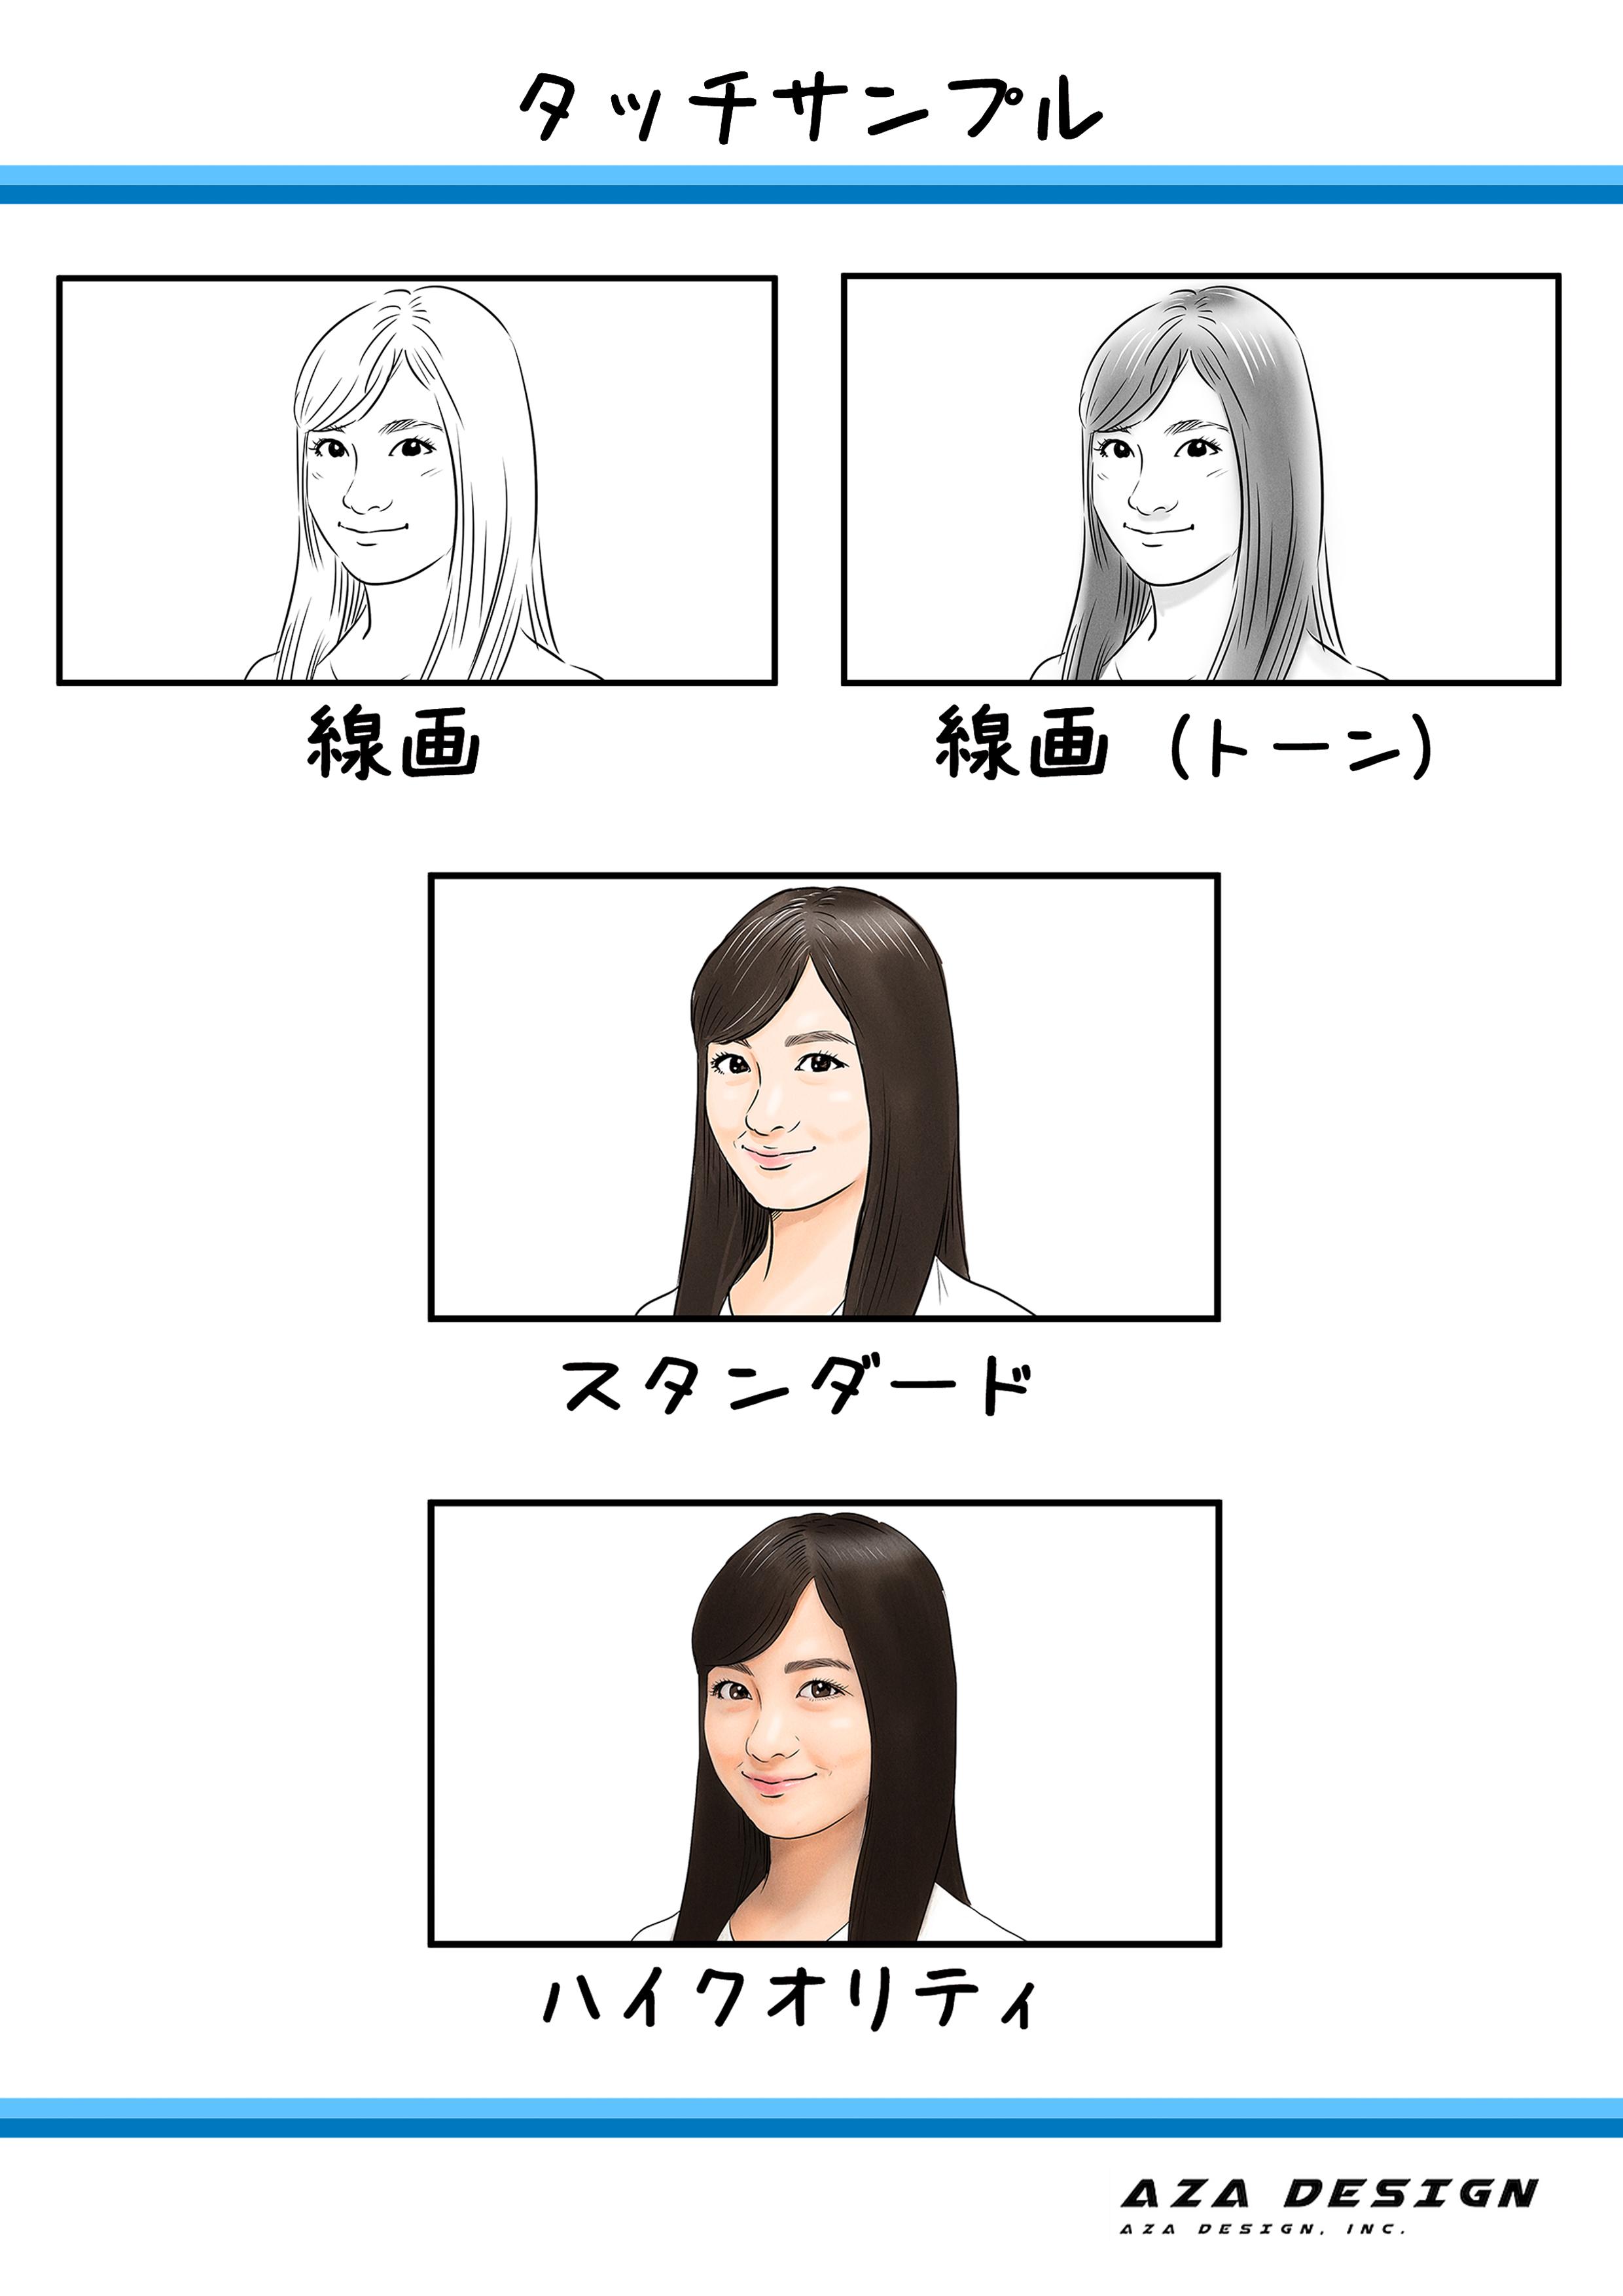 AZA DESIGN 絵コンテサンプル